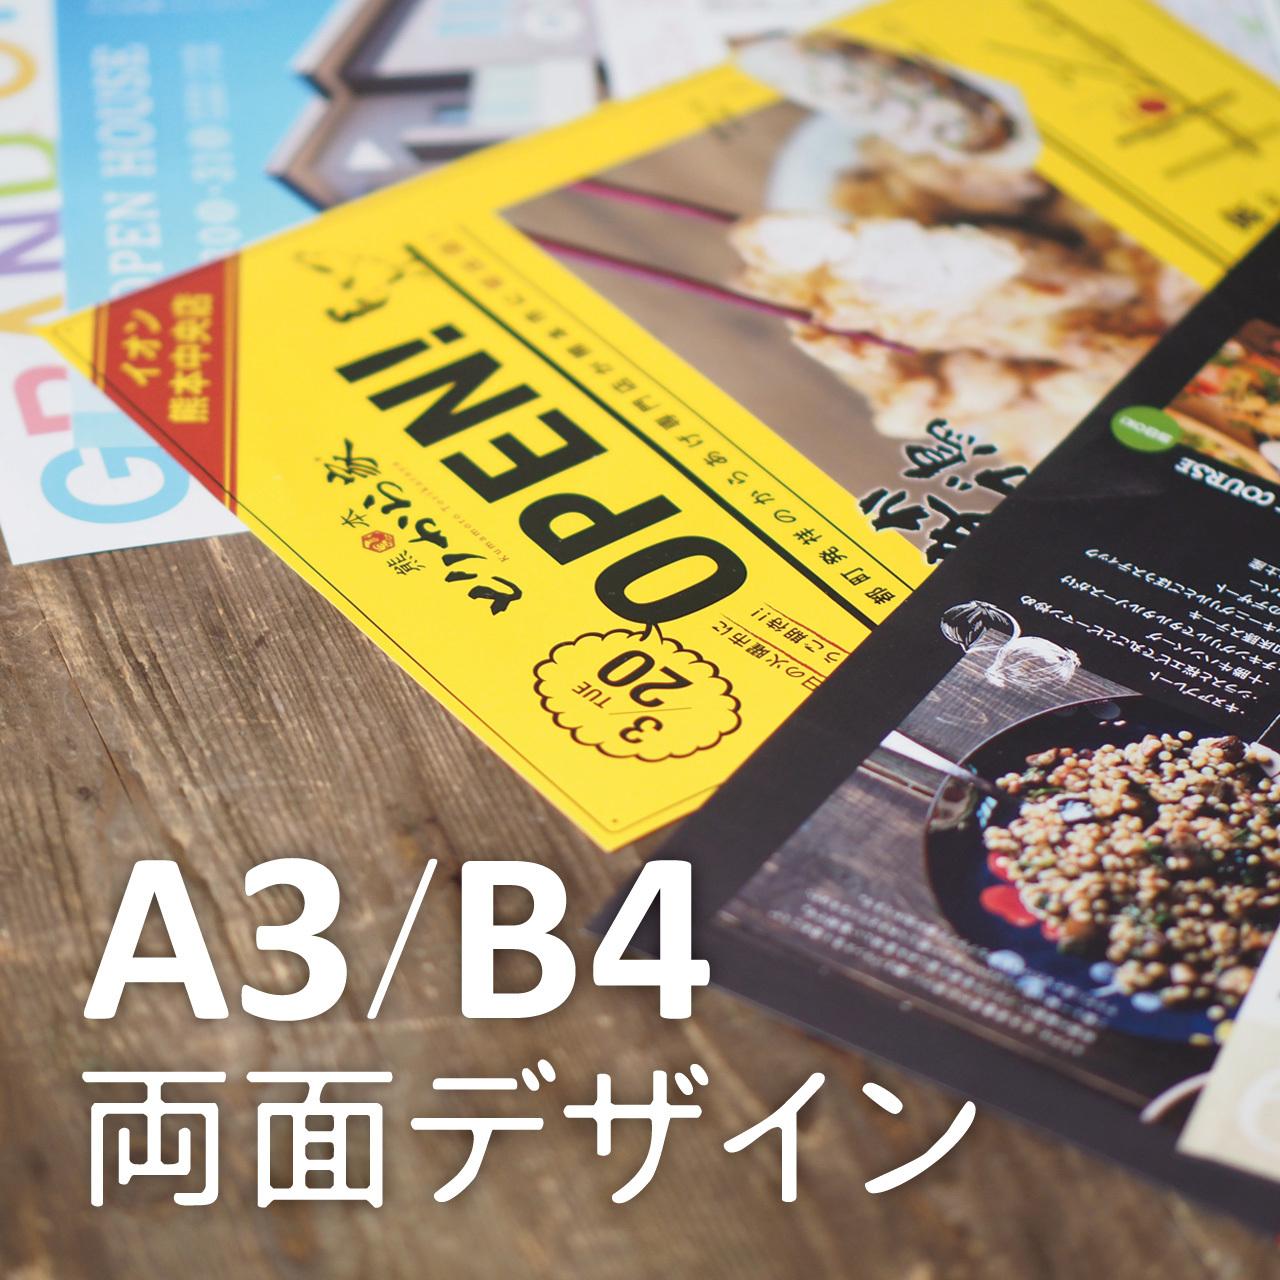 A3/B4チラシ・フライヤーデザイン【両面フルカラー】